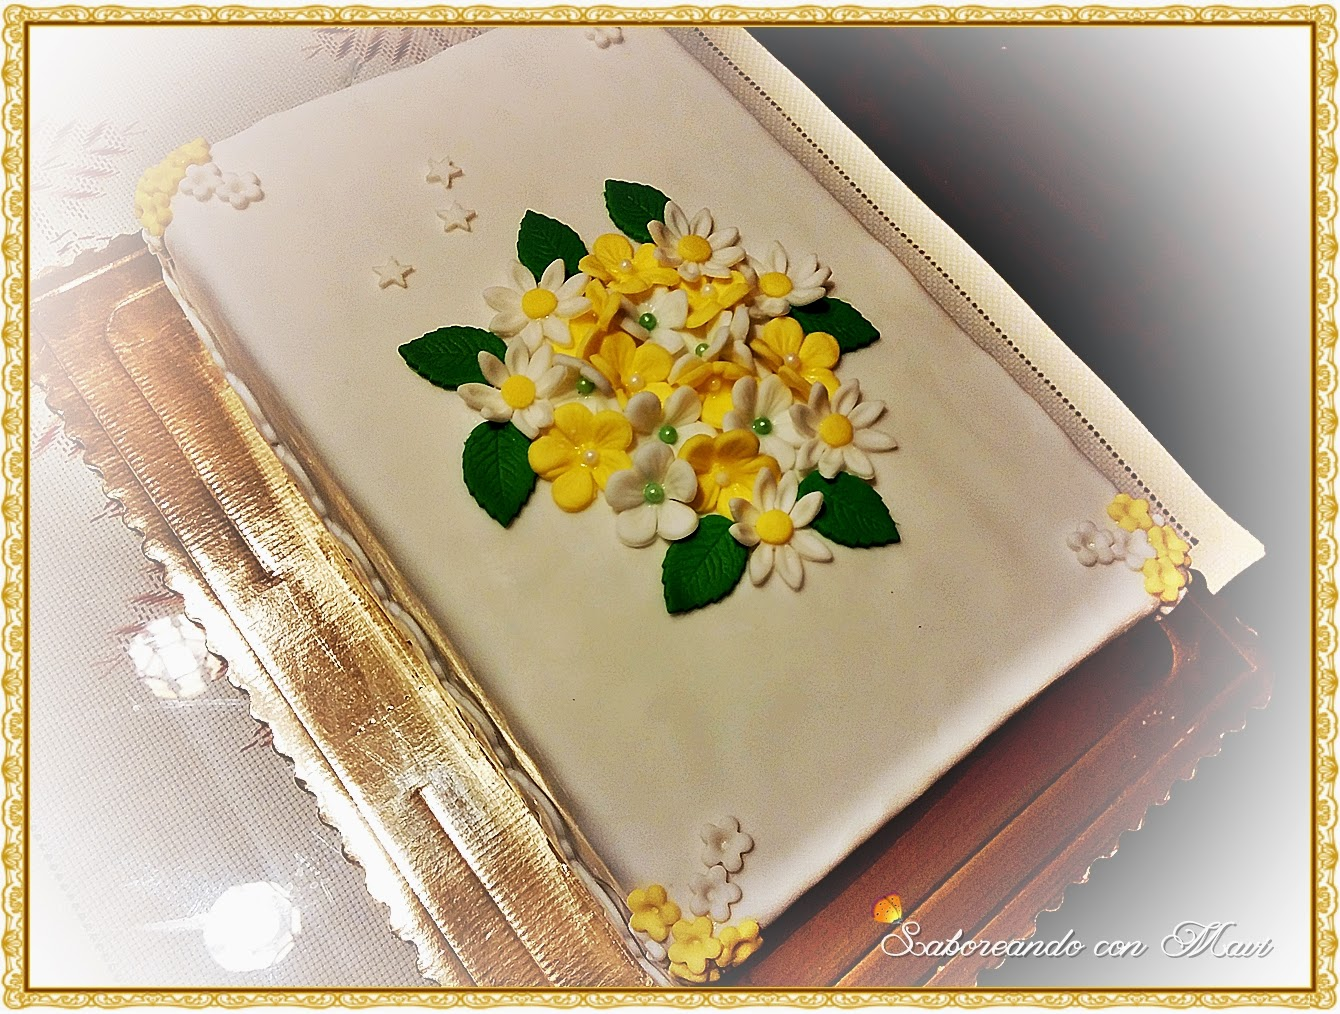 Tarta Fondant Con Florecitas